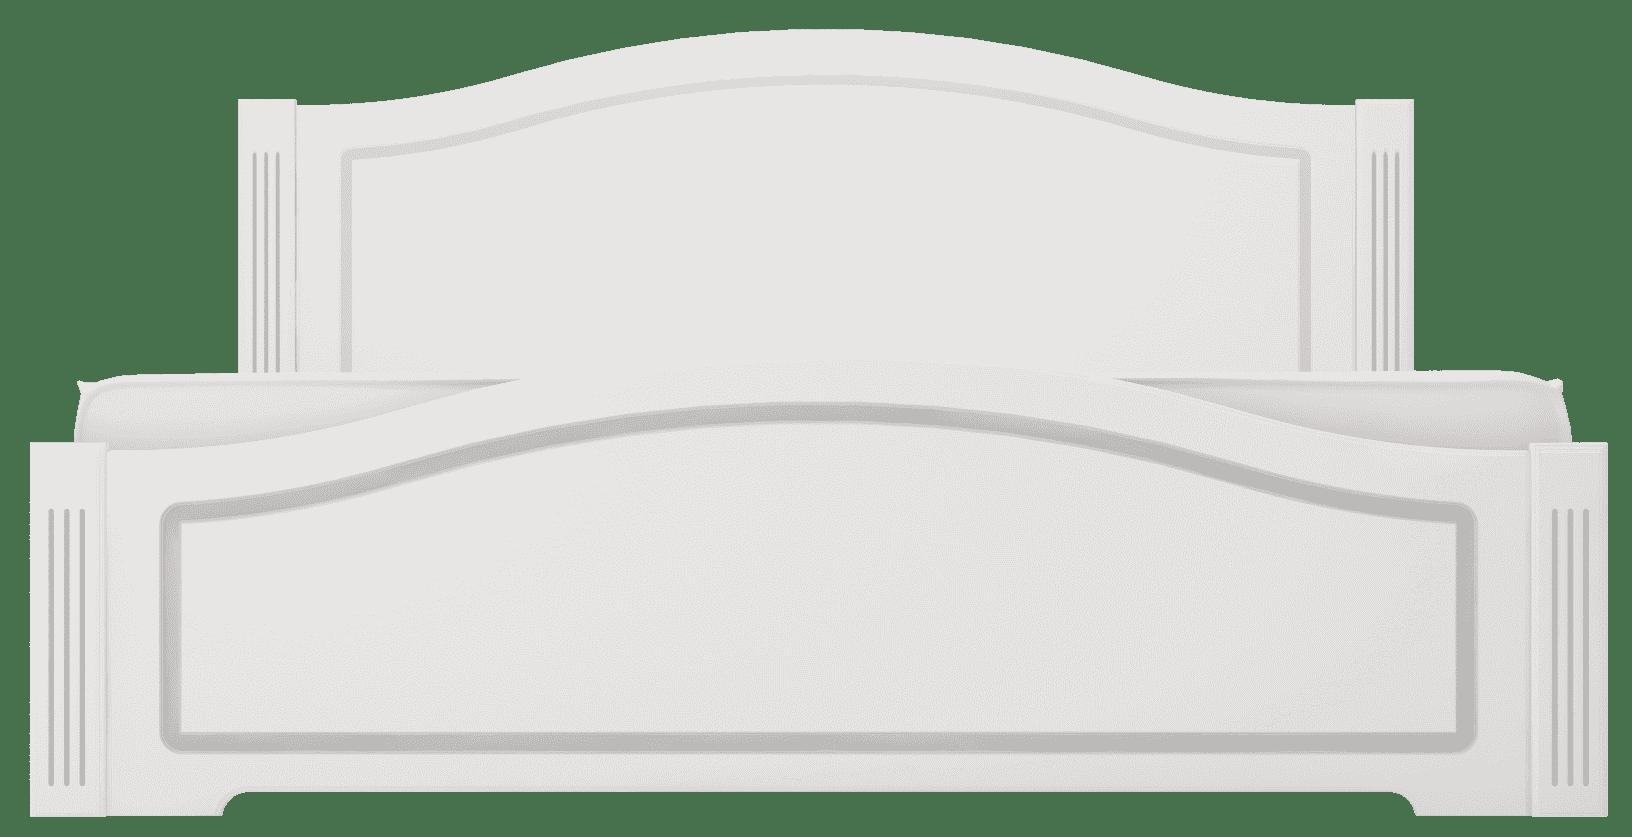 Кровать 120*200 см с латами Виктория 33, без матраса